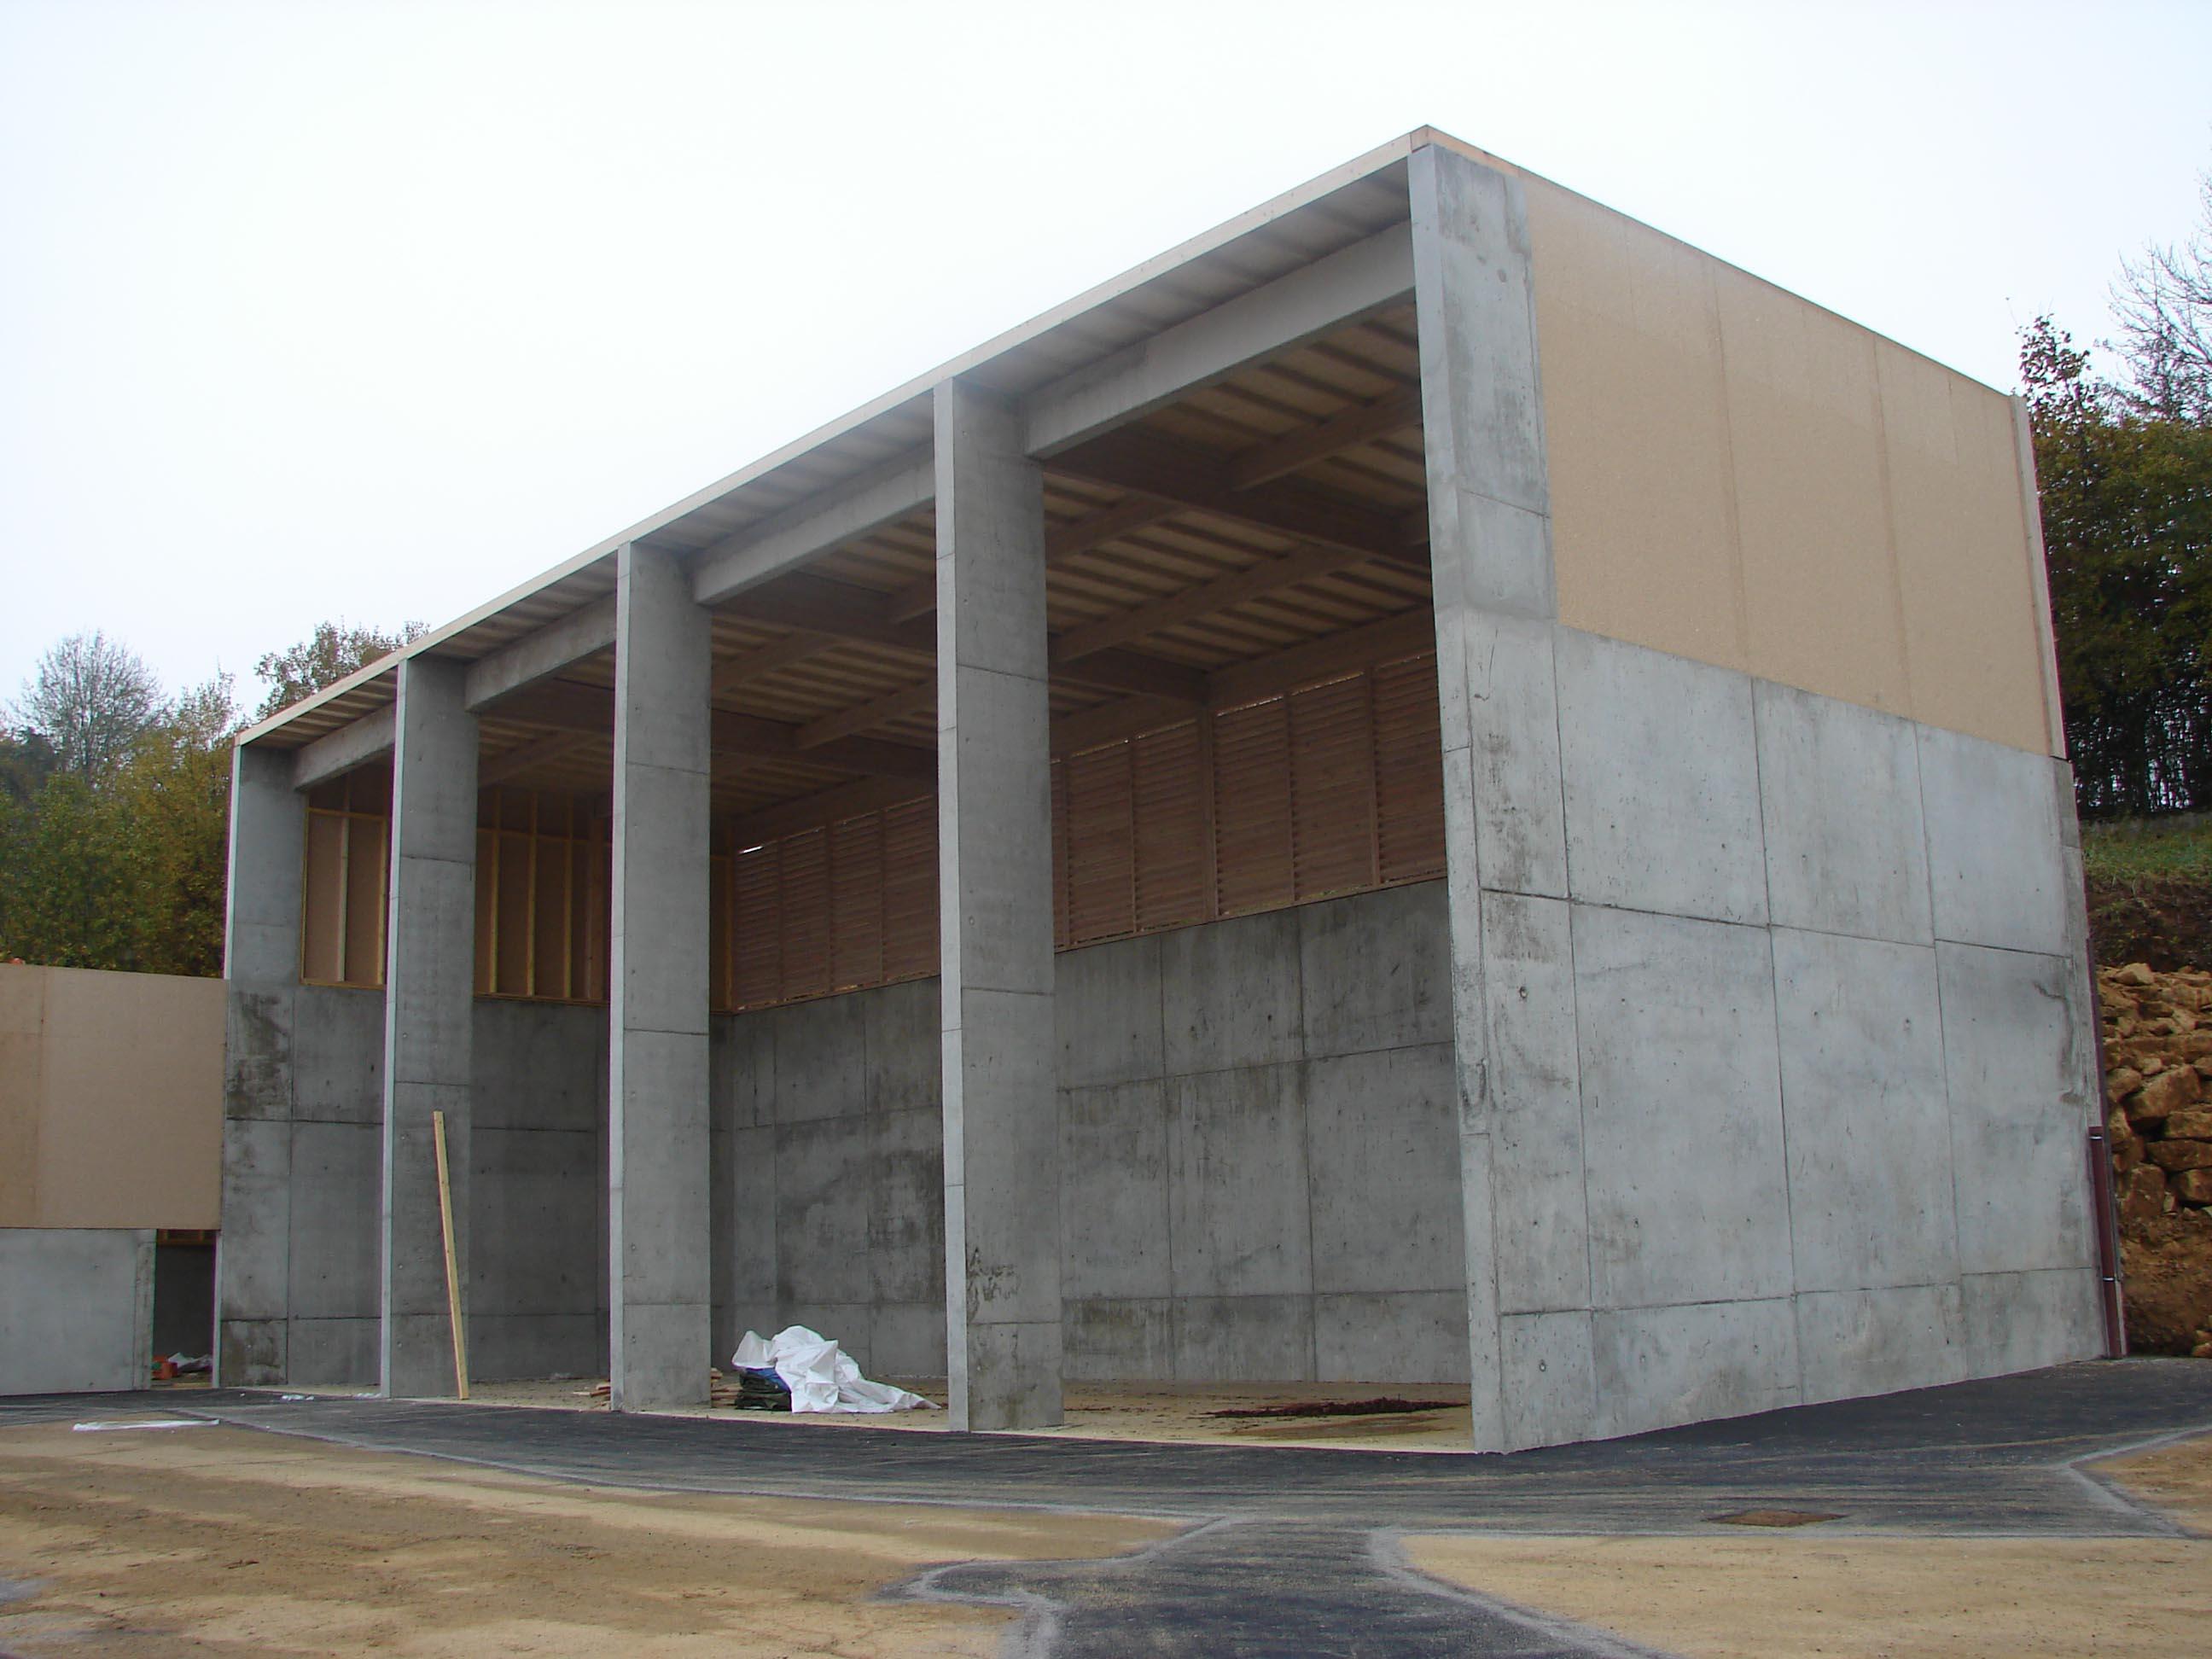 Construction ossature bois b u00e2timents publics ATELIER CONSTRUCTION MAISON BOIS # Hangar Ossature Bois